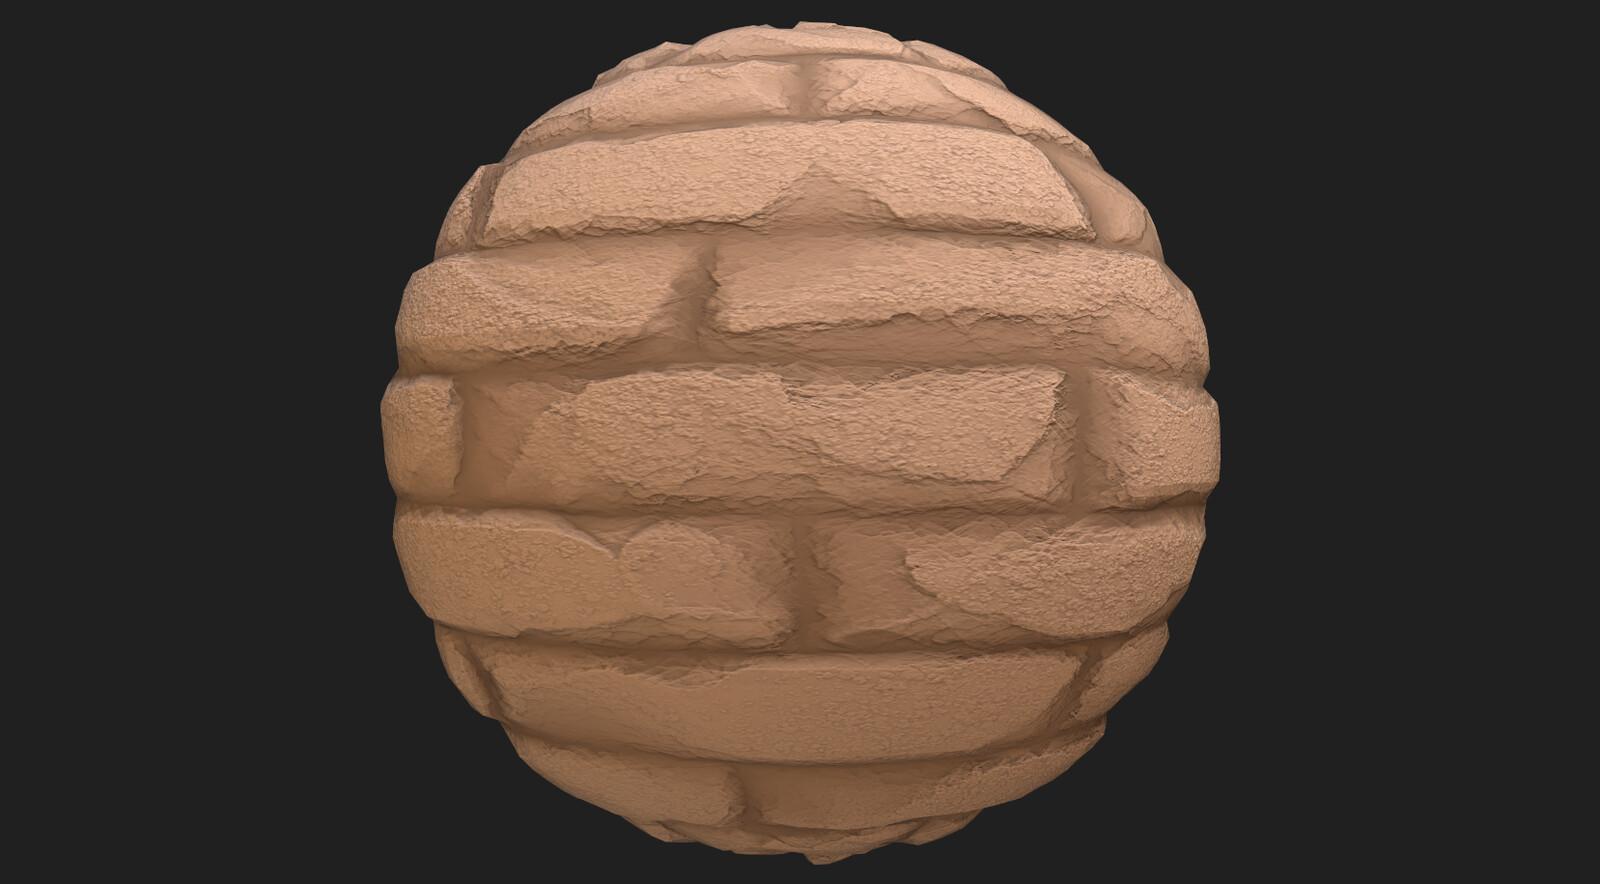 Brick material 2